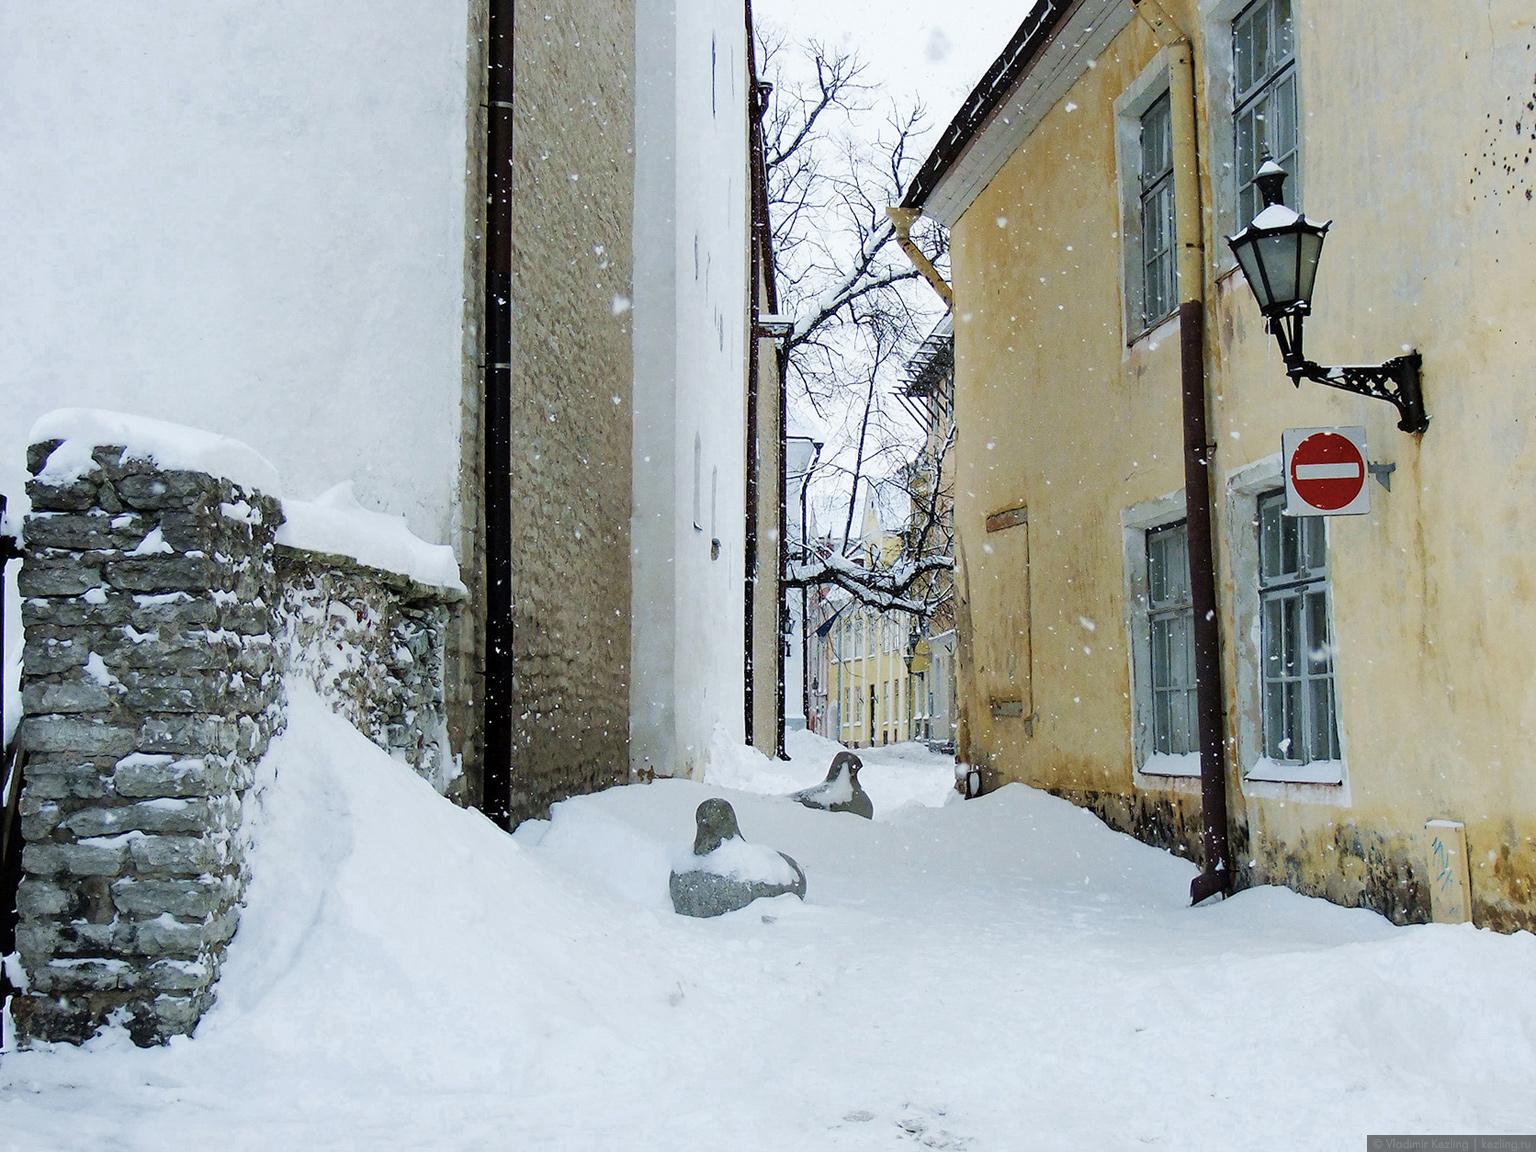 Новогодняя повесть. Старый город Таллина: Вышгород